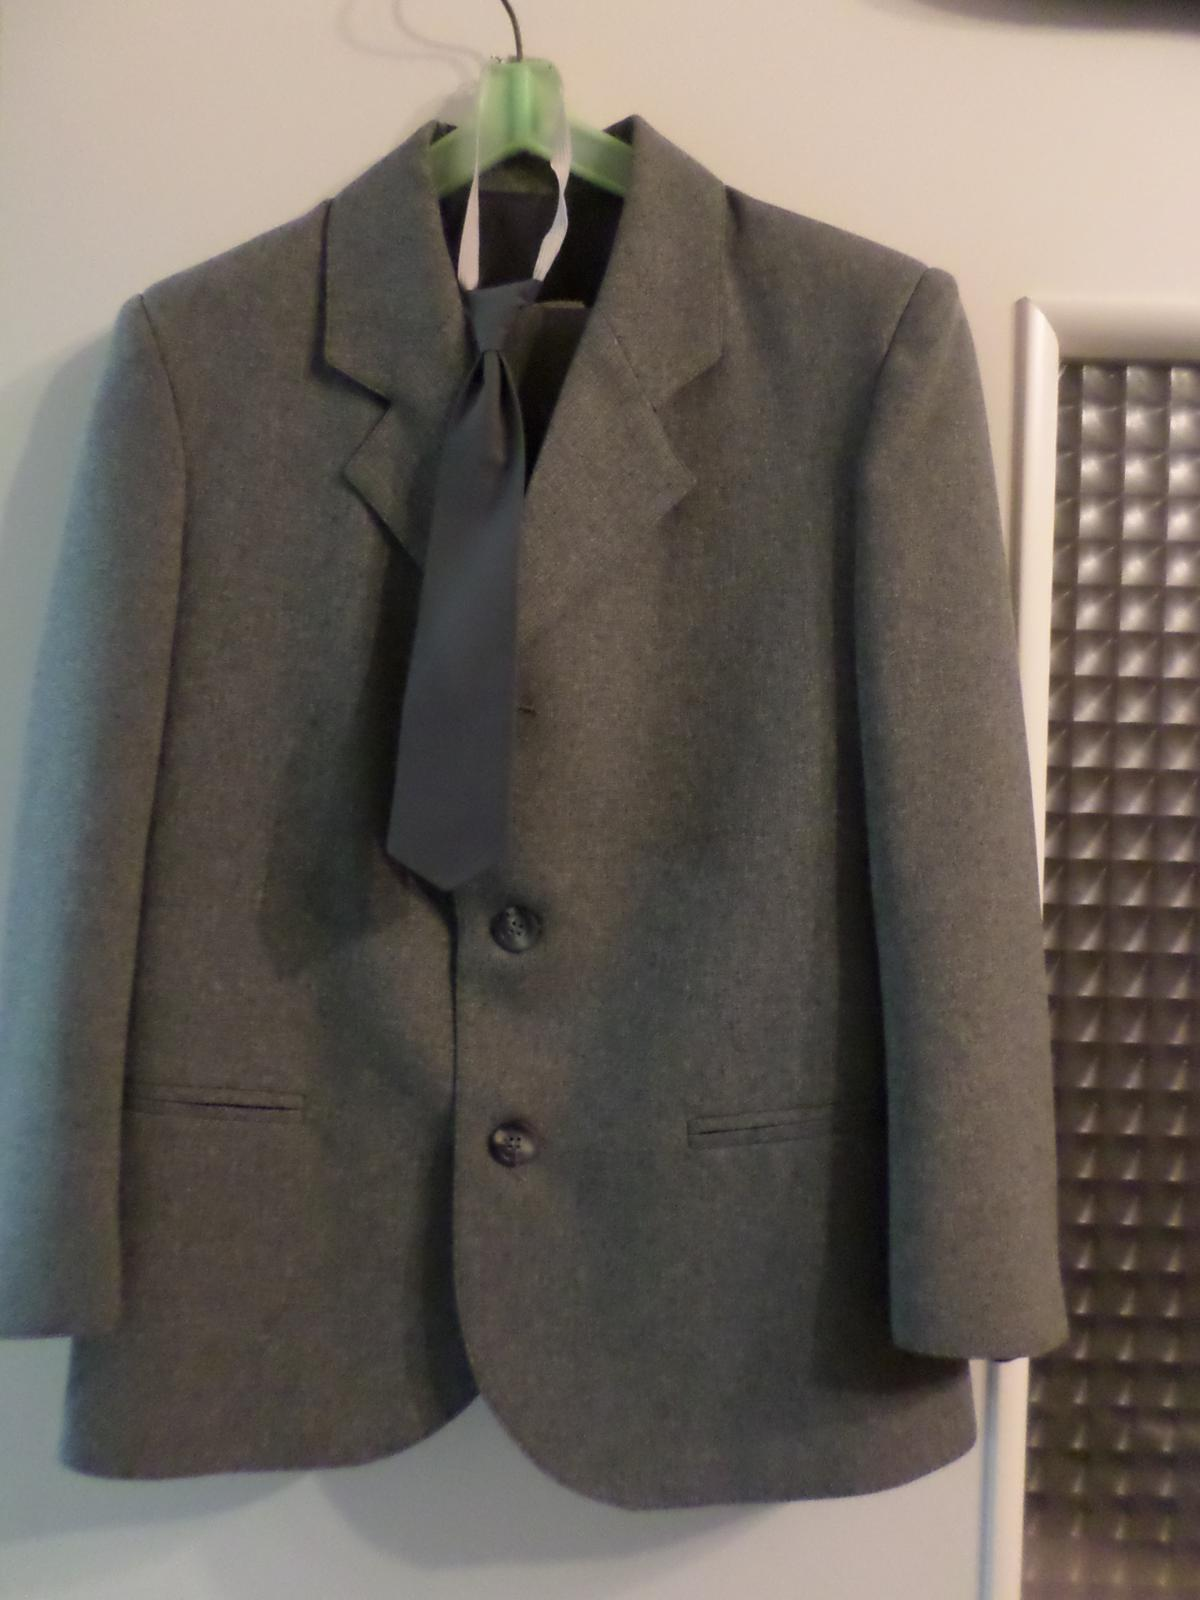 Oblek pre chlapca - Obrázok č. 1